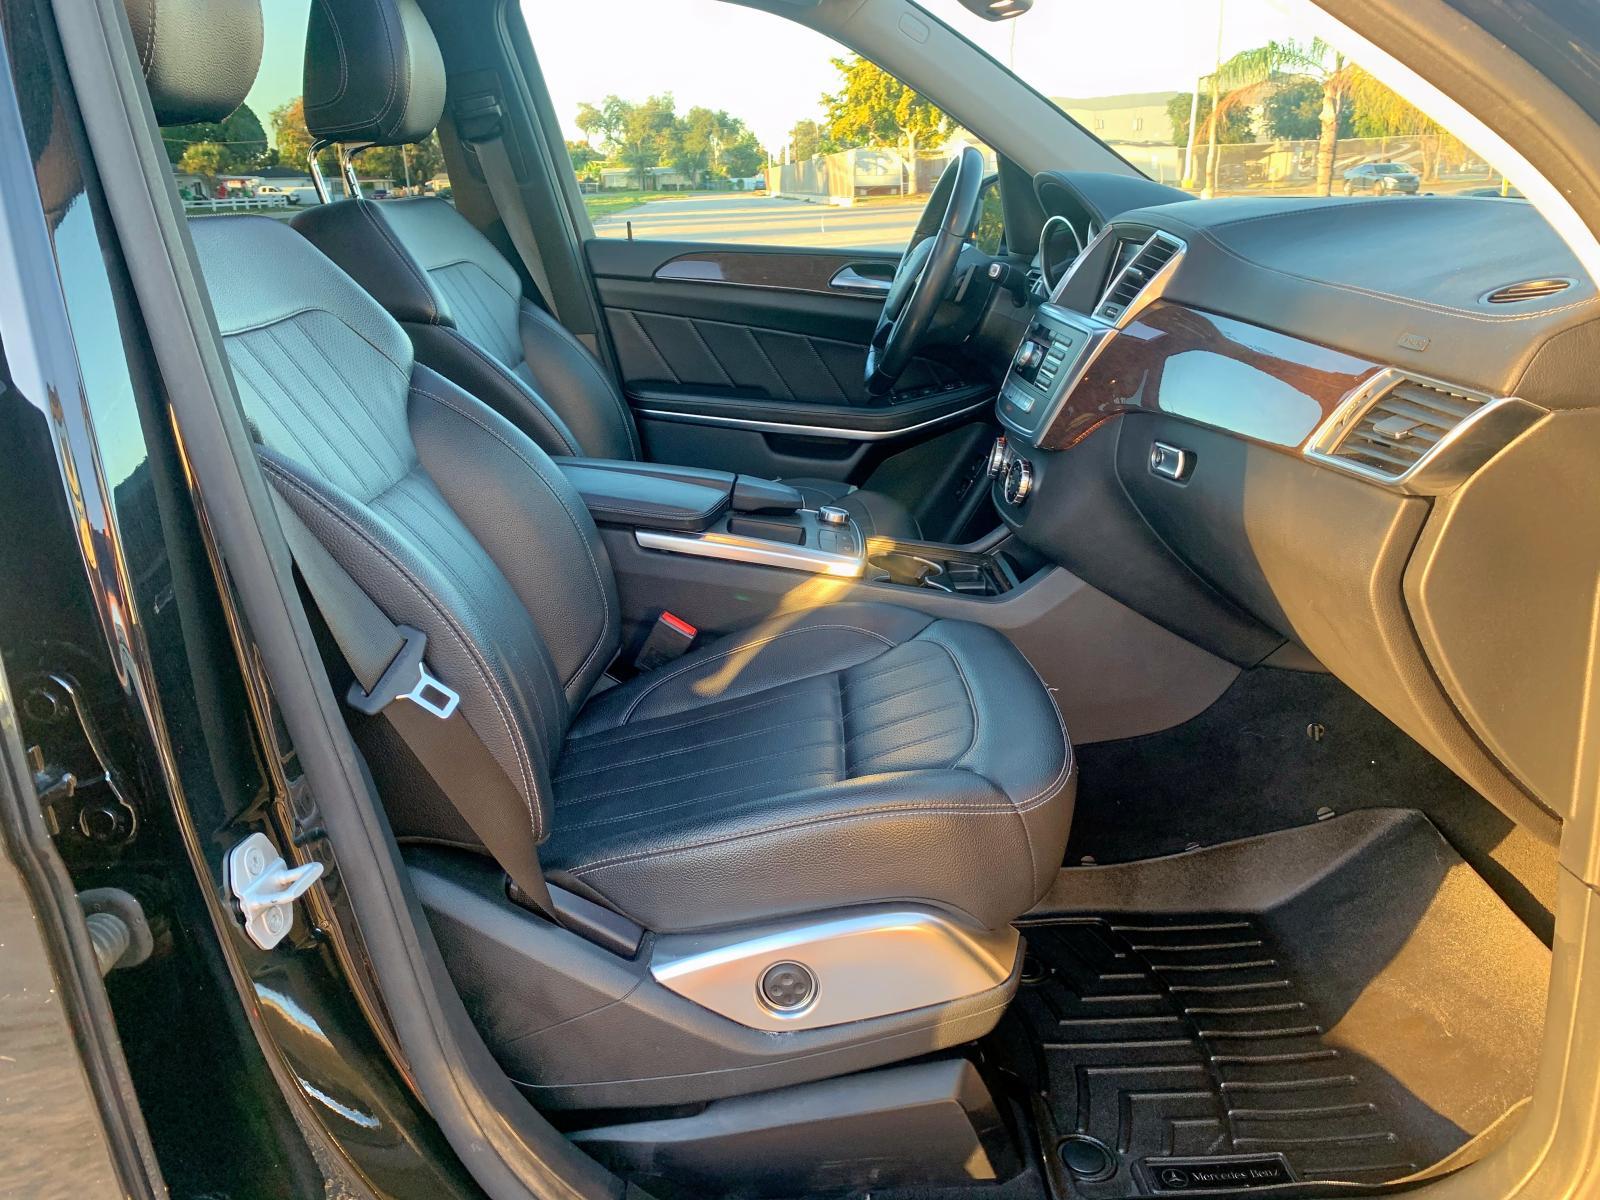 4JGDF7CE2DA152051 - 2013 Mercedes-Benz Gl 450 4Ma 4.6L close up View